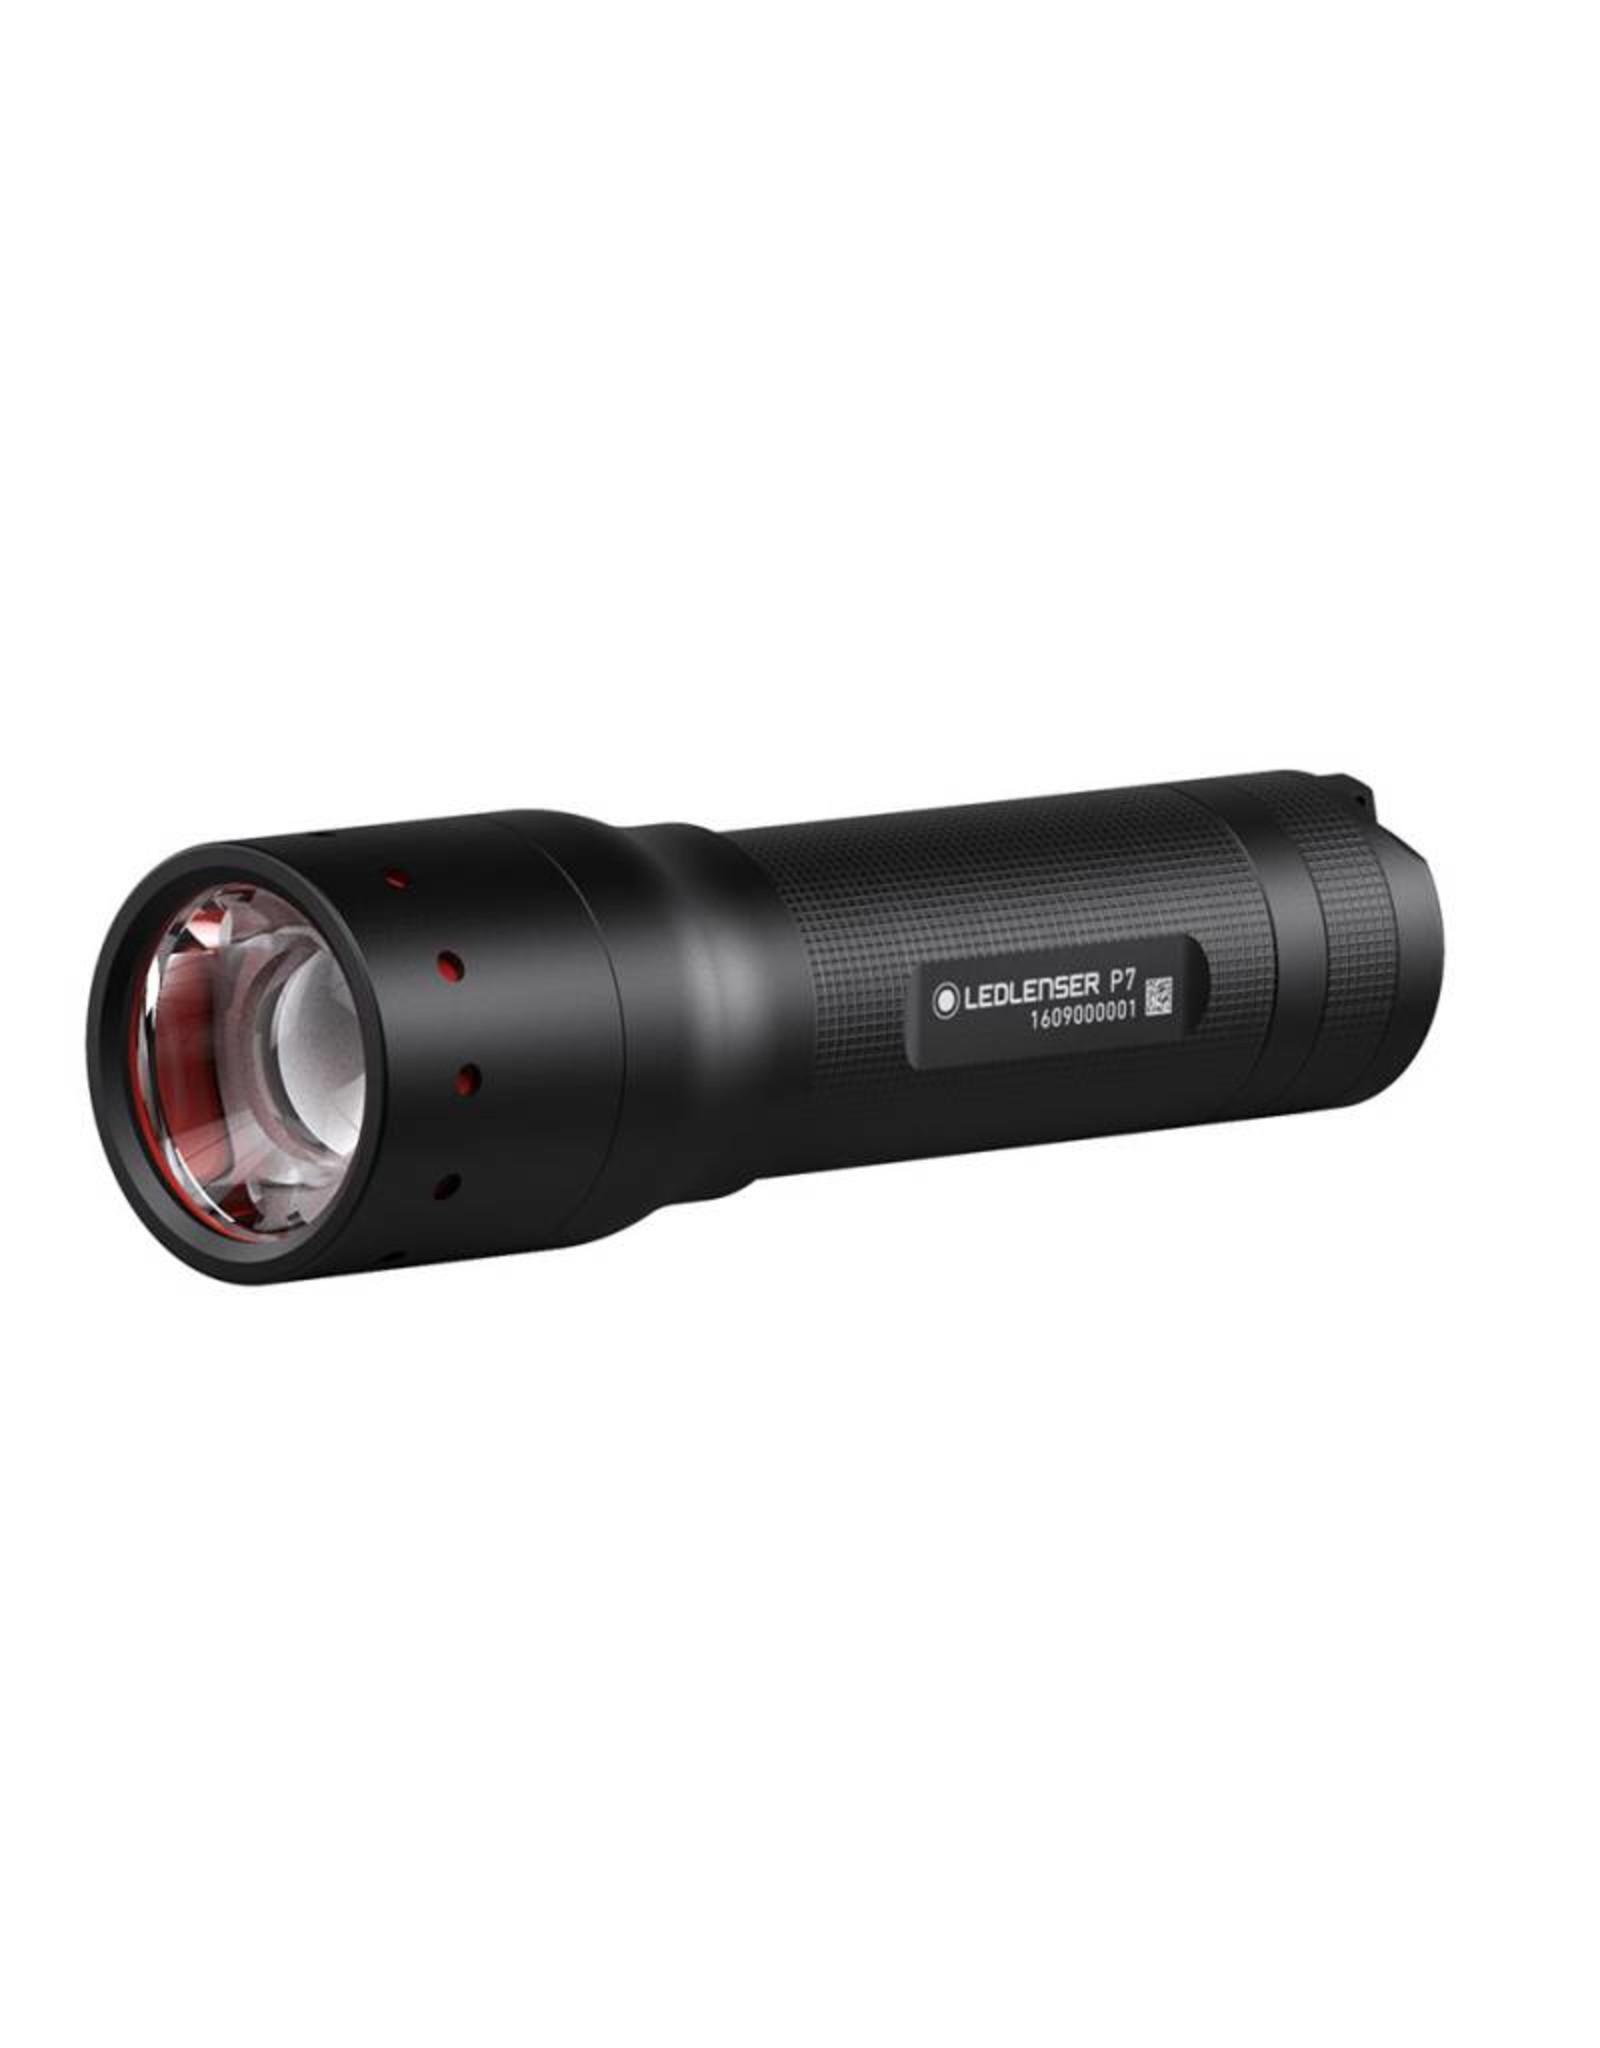 Led Lenser Led Lenser P7 Flashlight 450lm (Test It)